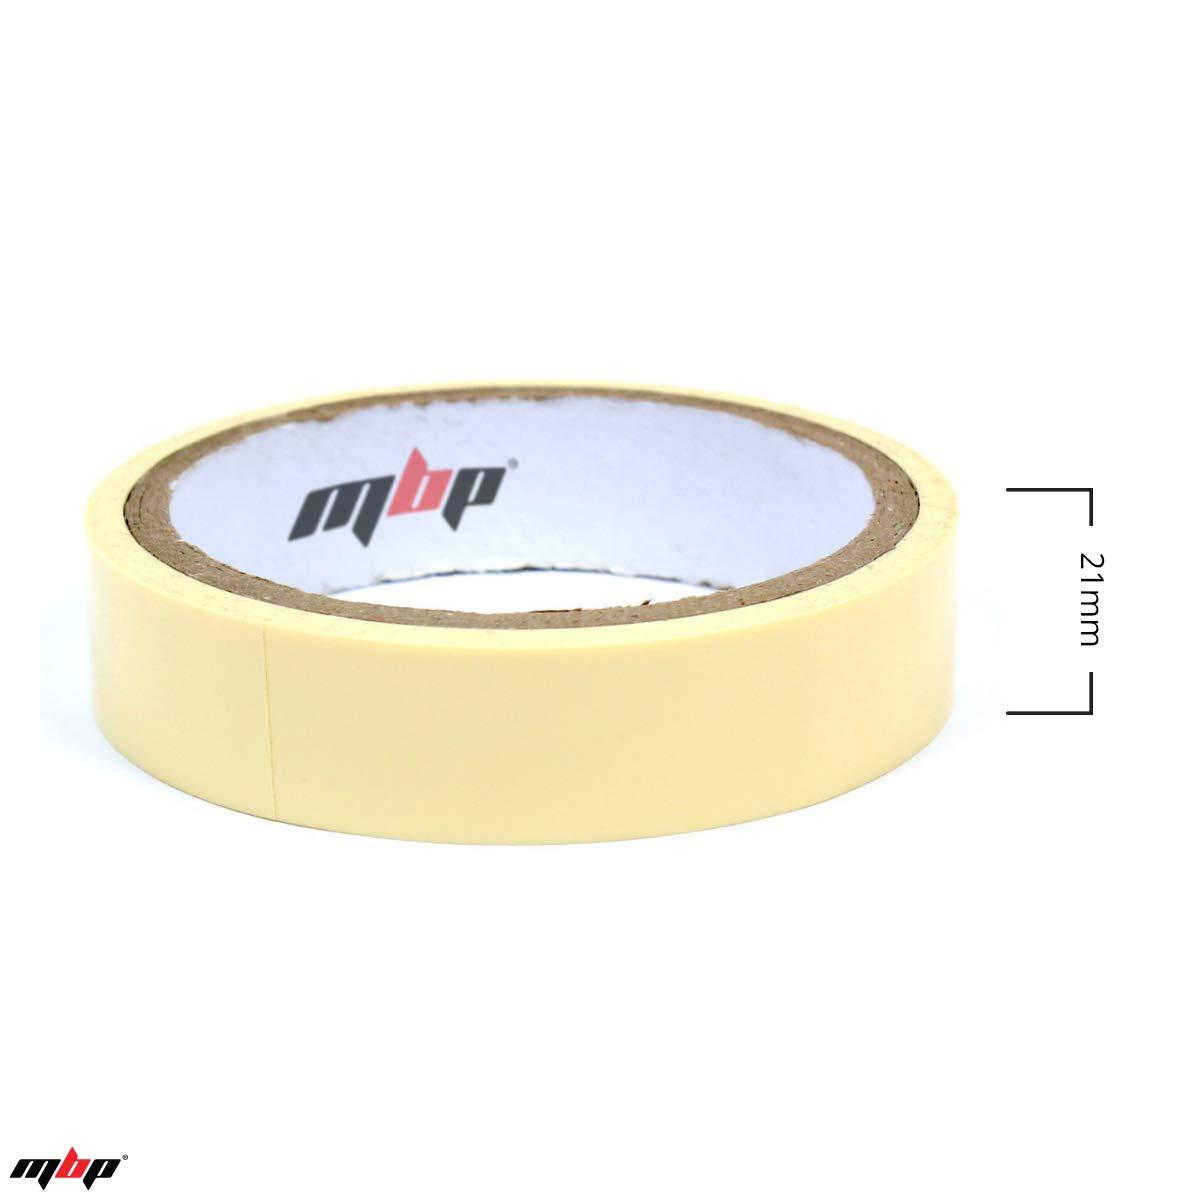 MBP Tubeless Bicycle Rim Spoke Tape (10 Meters x 21mm or 25mm) (21)